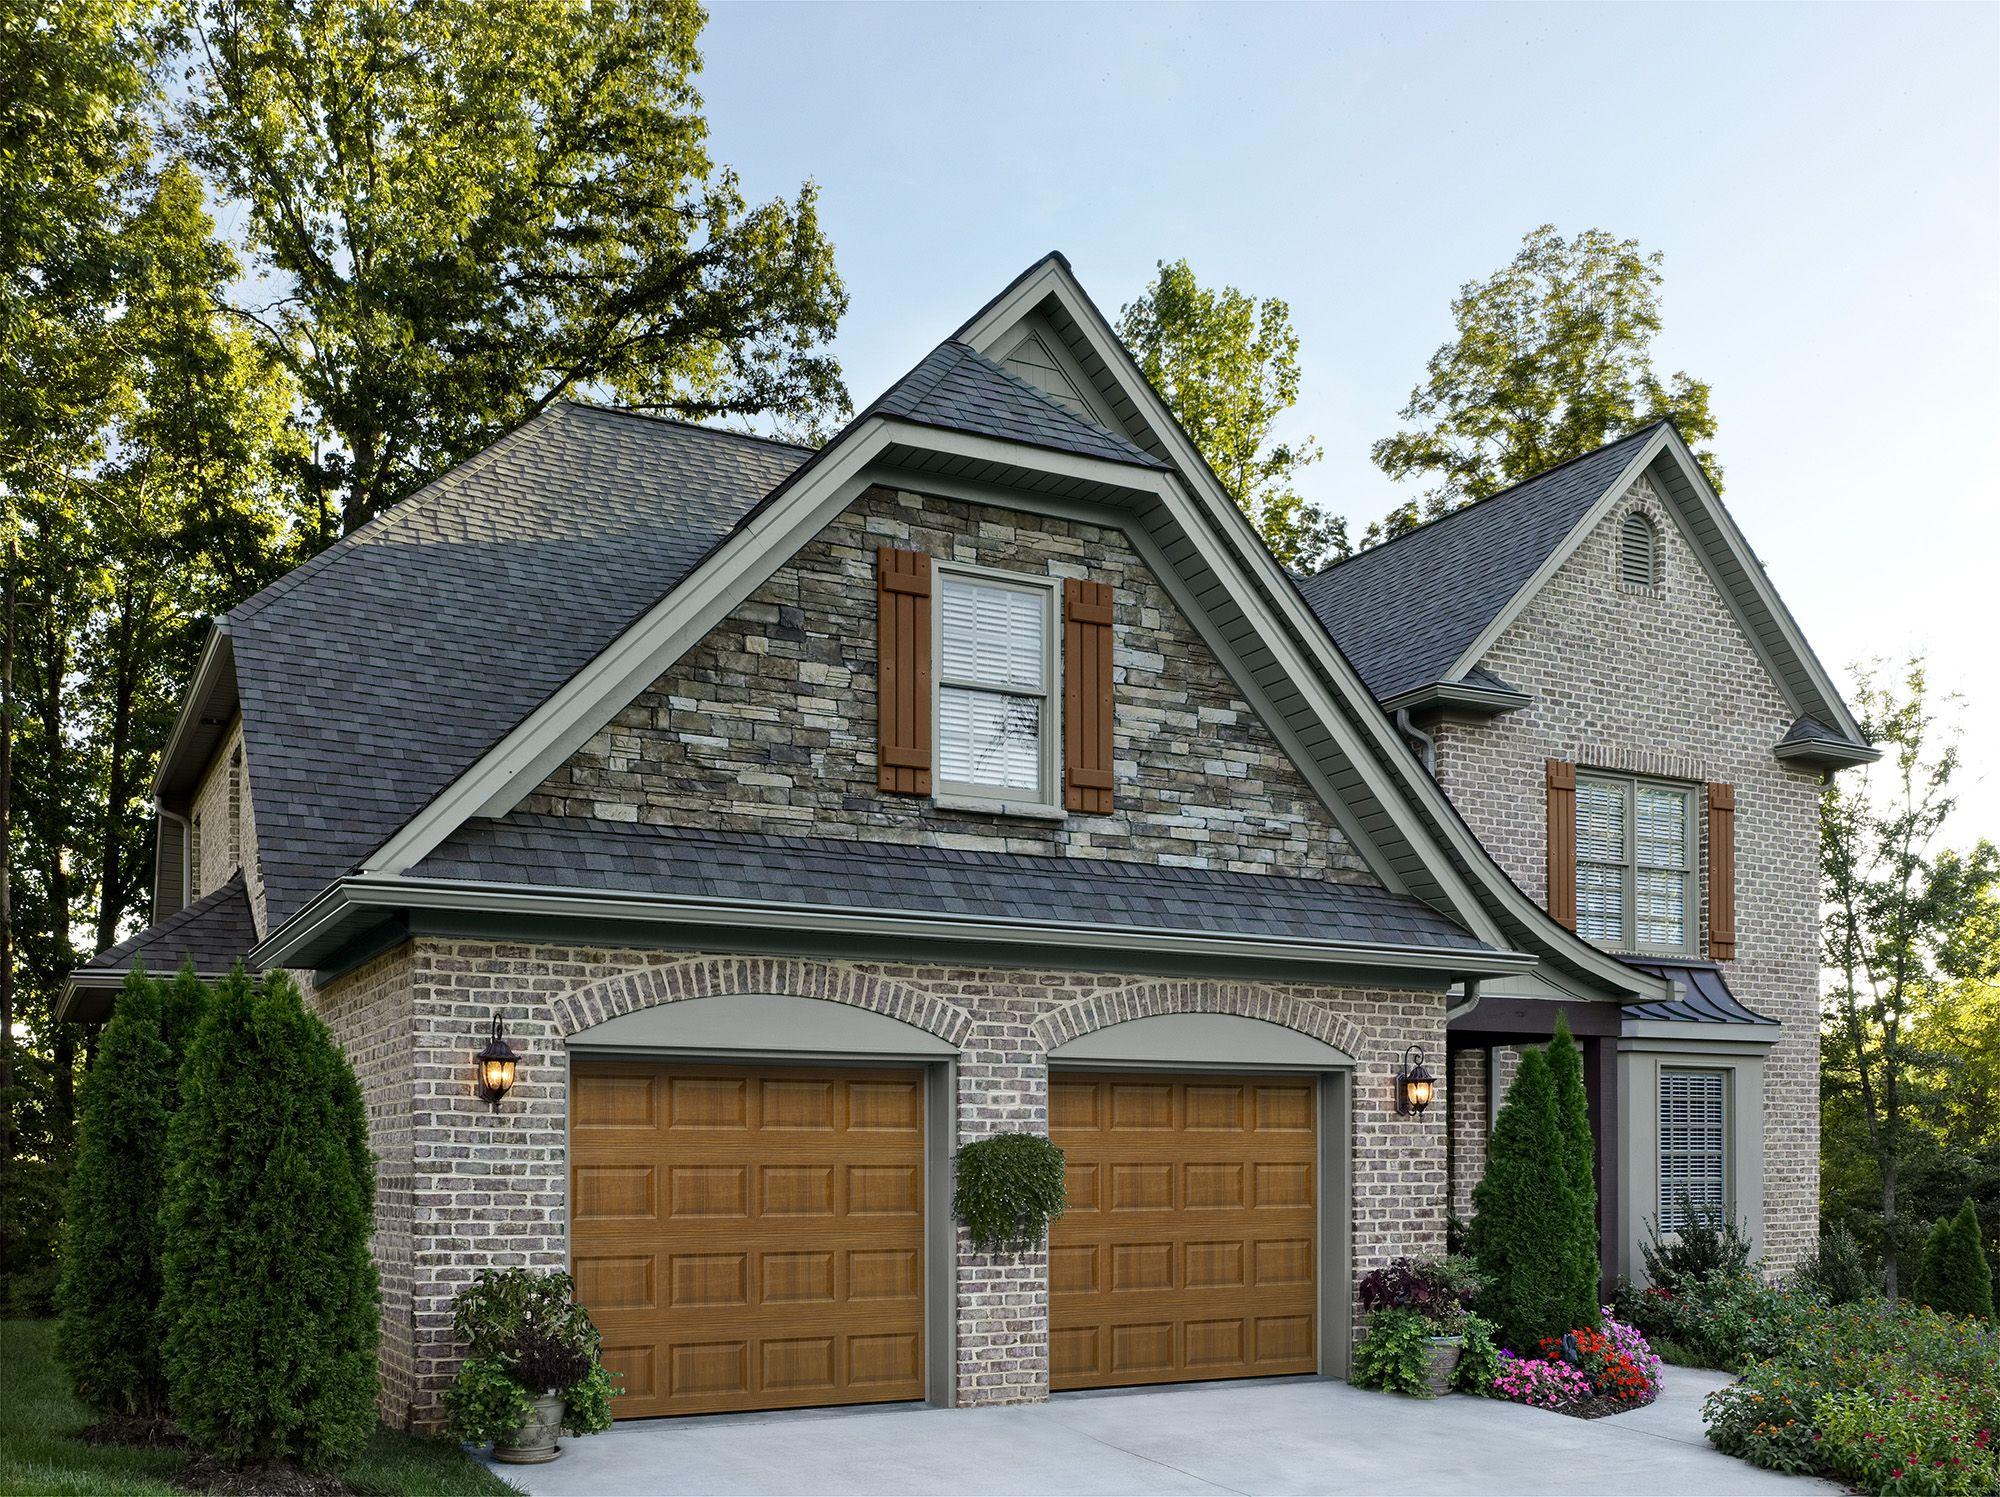 Amarr Short Panel Design In Golden Oak Dual Directional Woodgrain Visit Www Amarr Com For More Great Garage Door Installation Garage Doors Garage Door Design